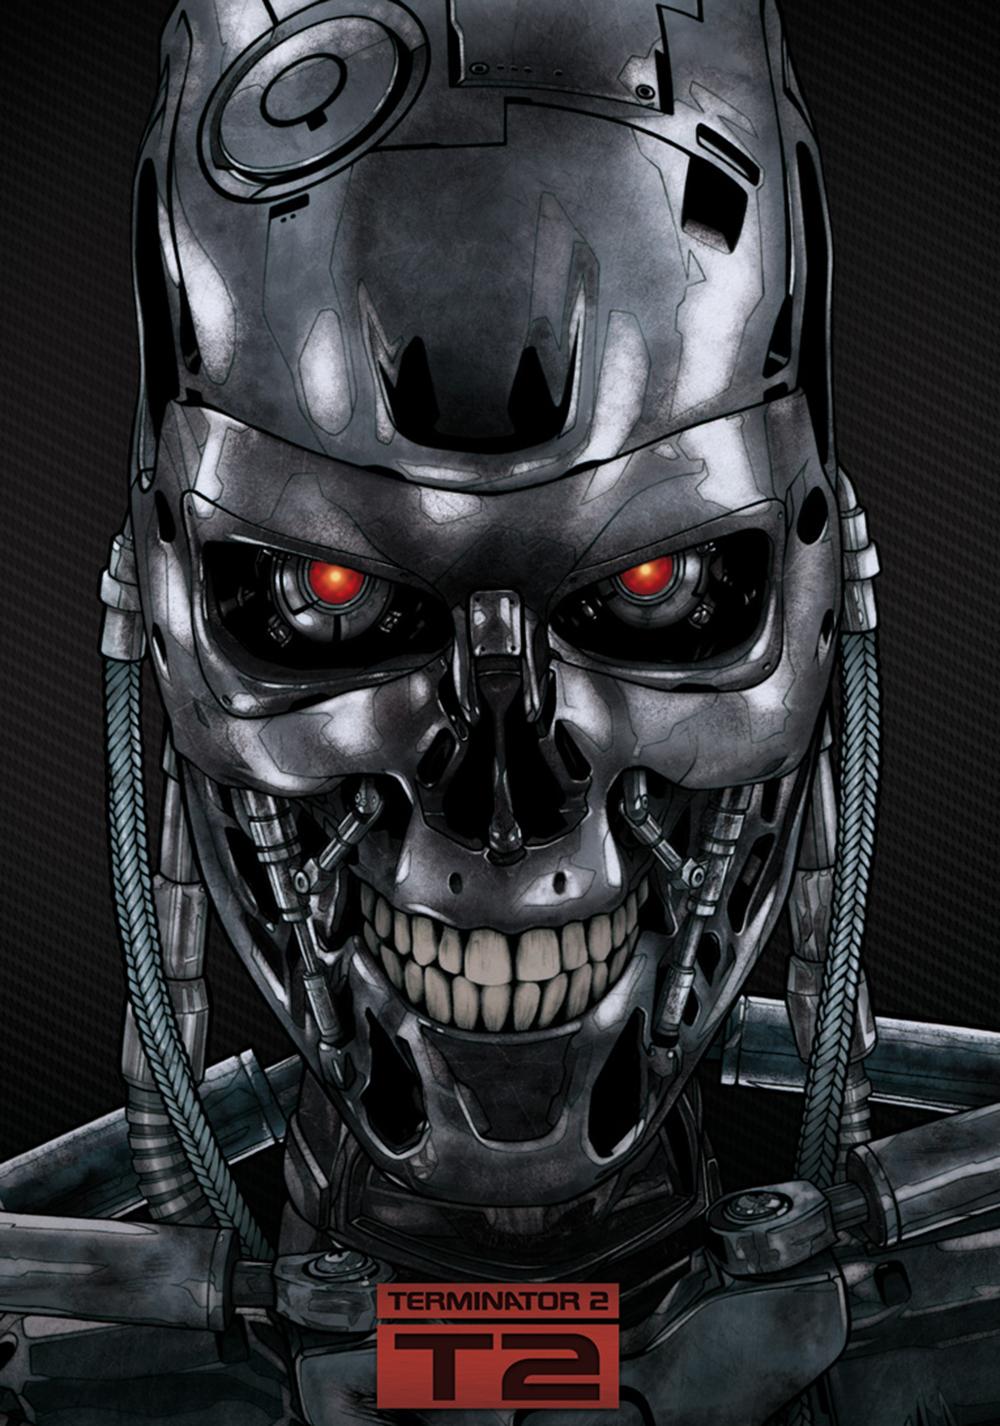 Terminators 2